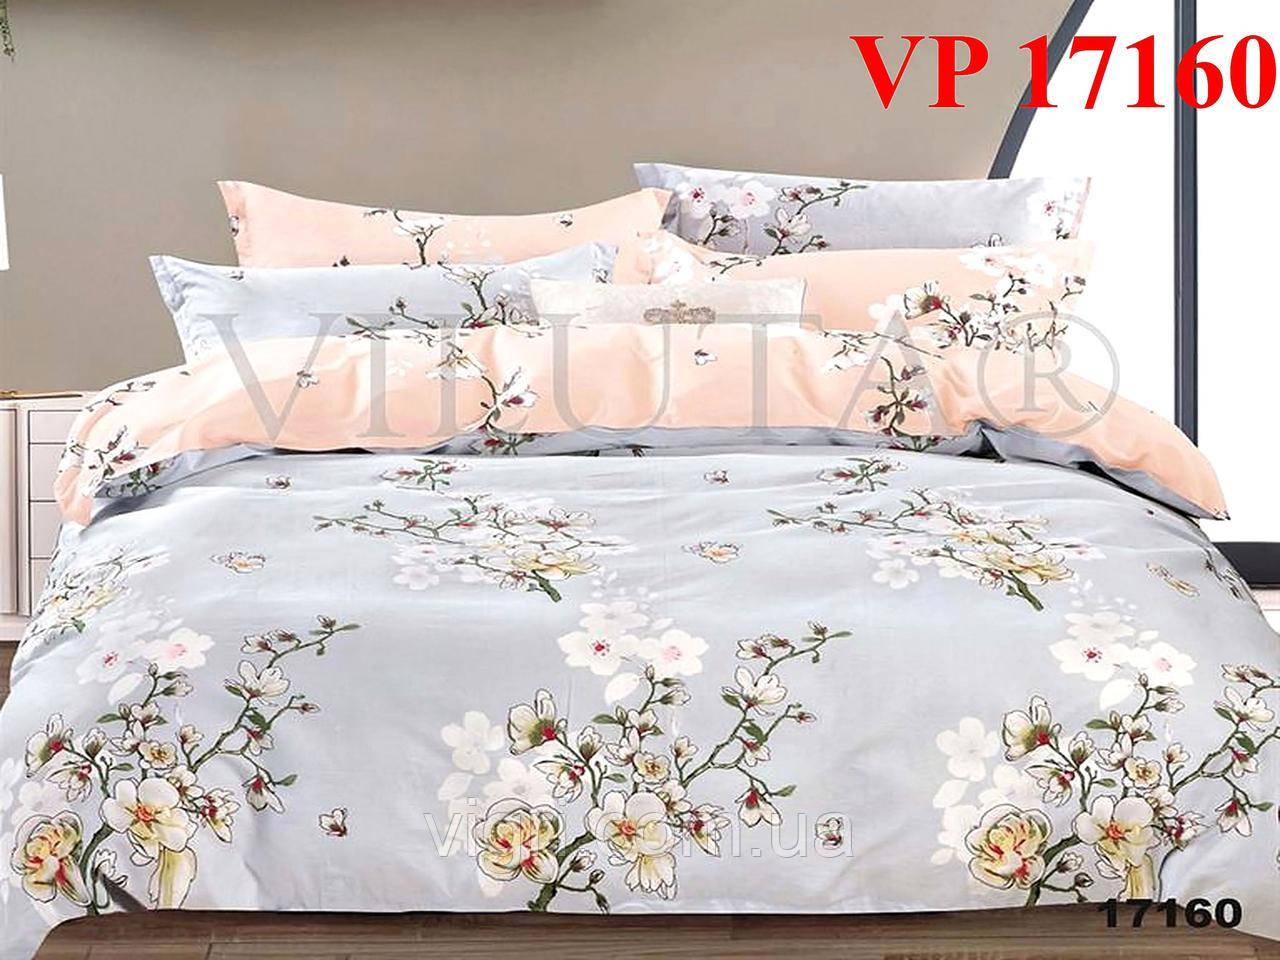 Постельное белье, двухспальное, ранфорс Вилюта «VILUTA» VР 17160